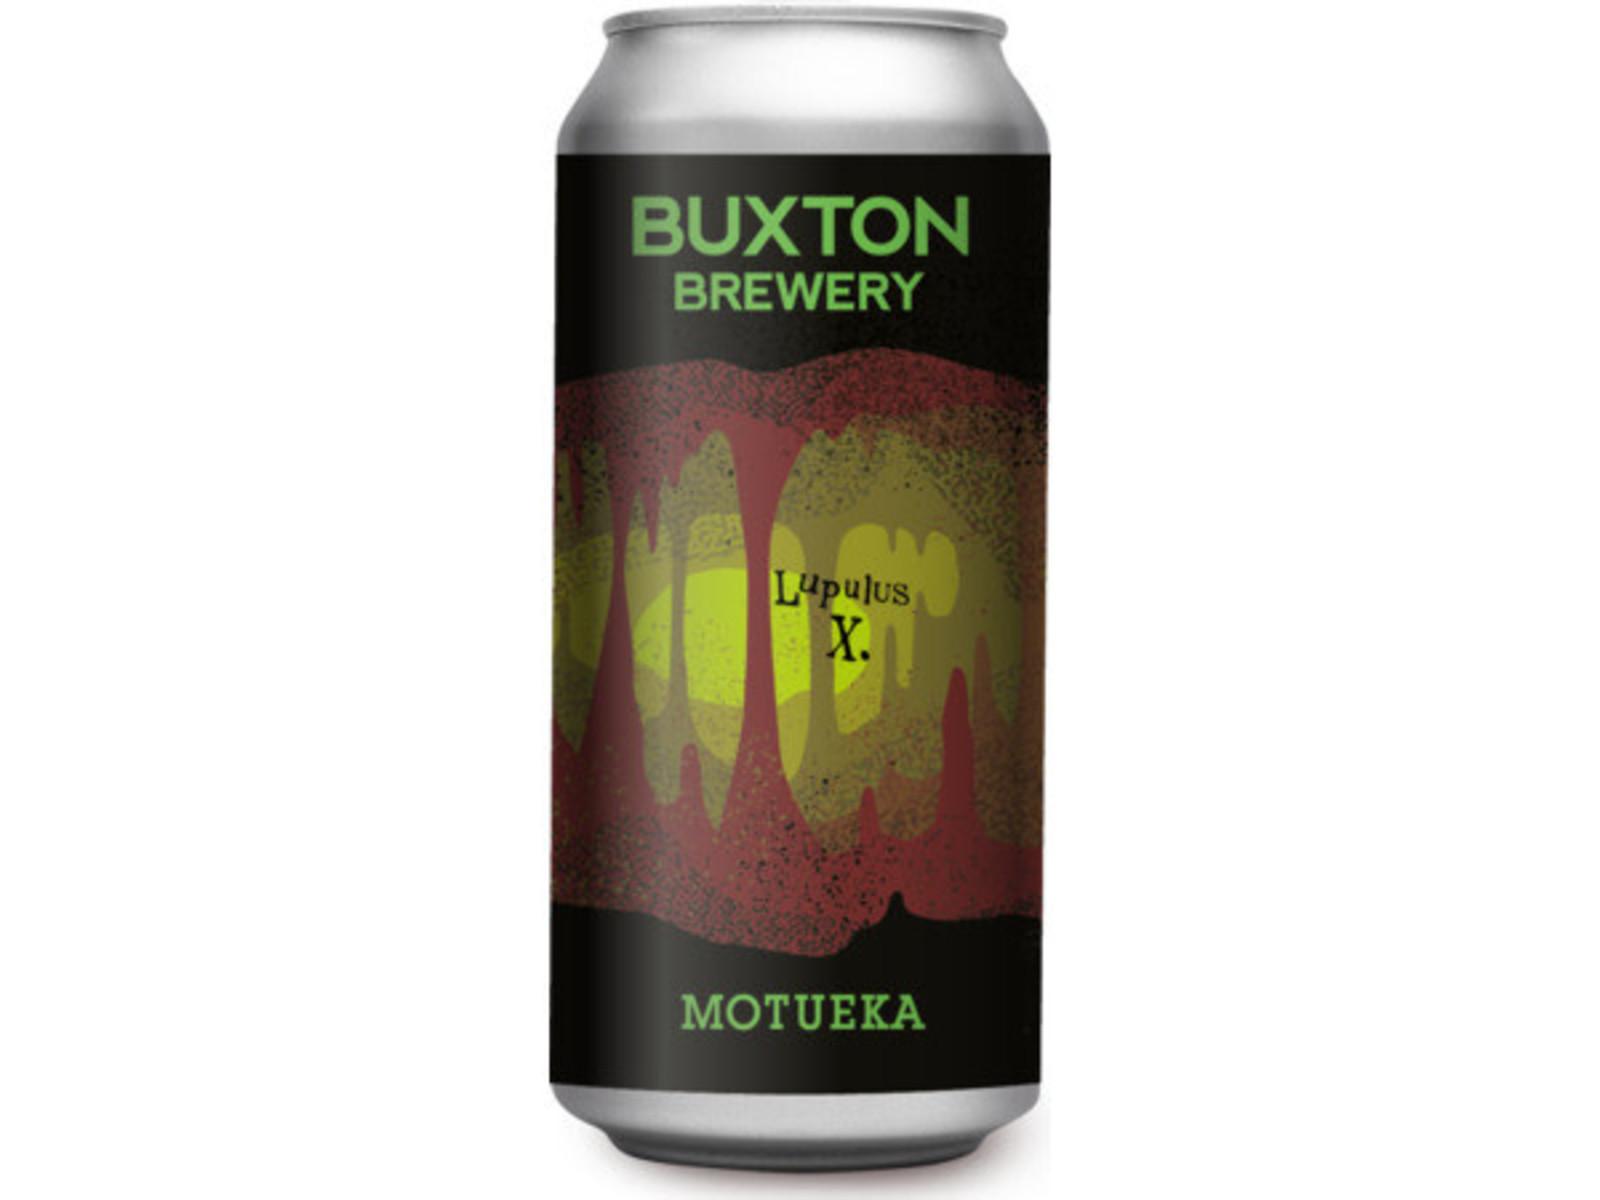 Buxton Brewery / Motueka